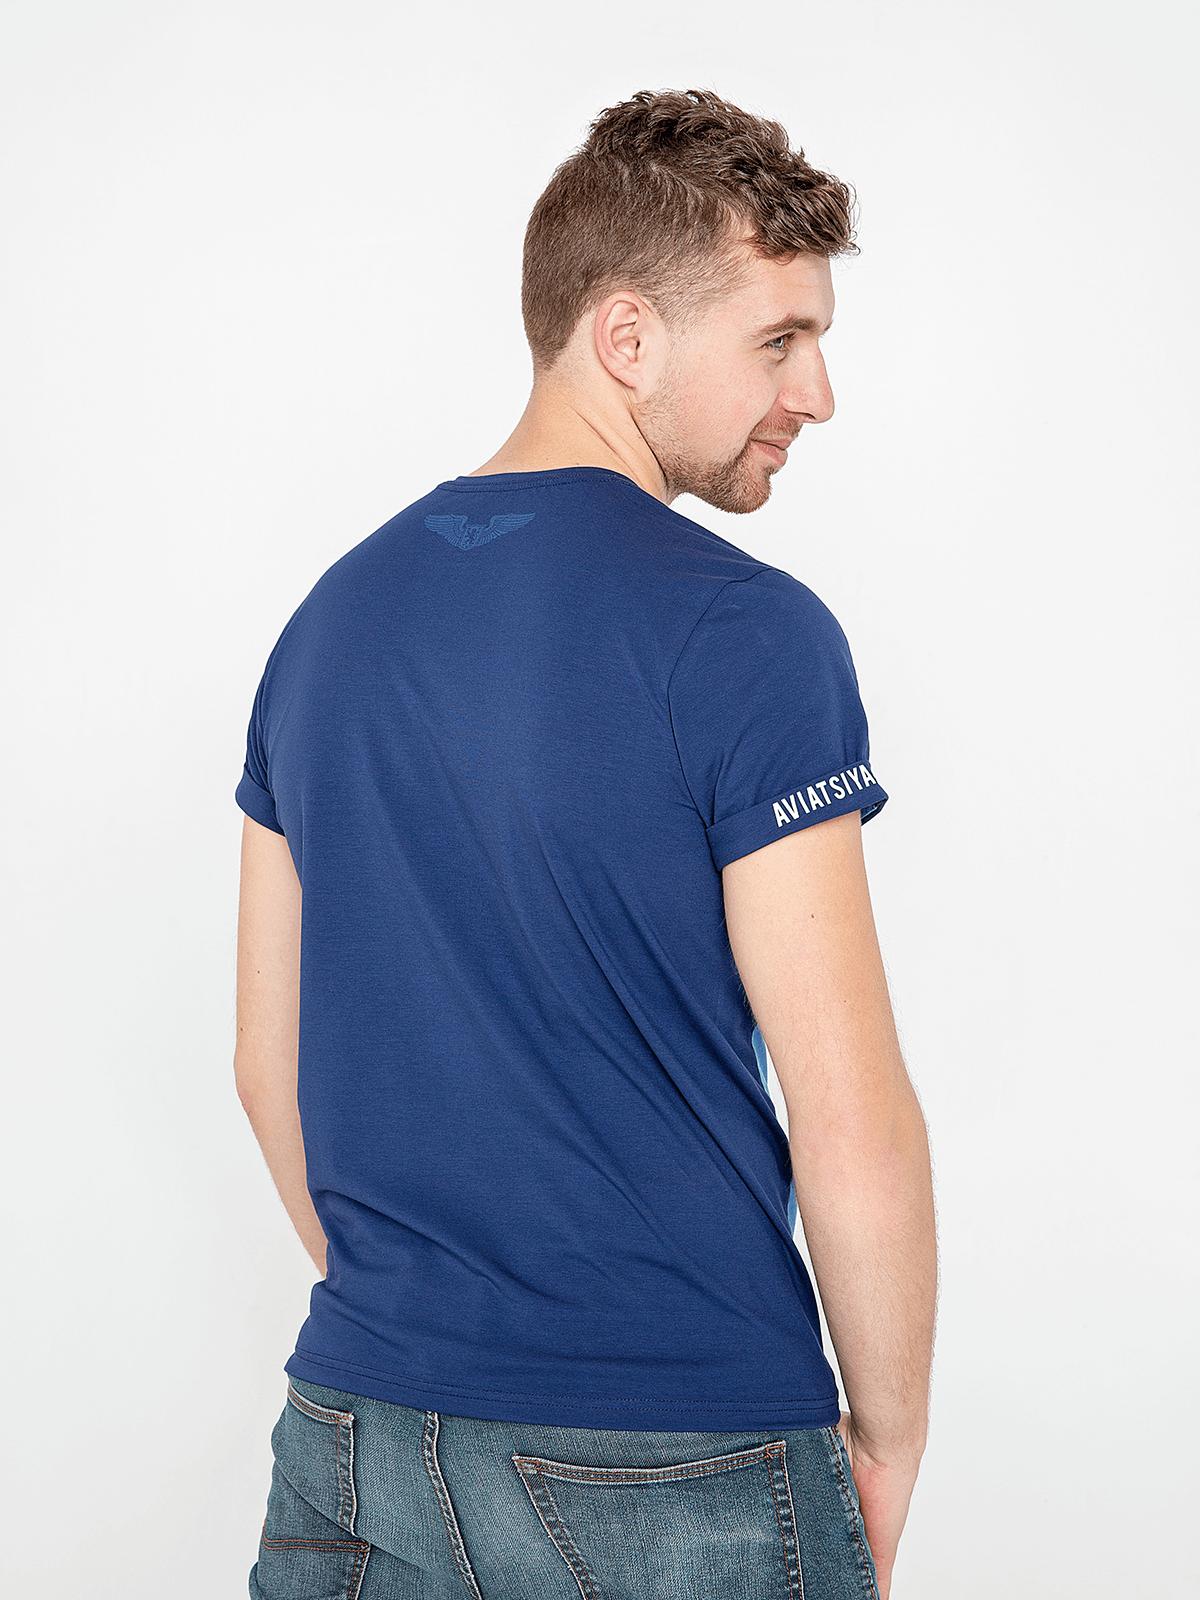 Men's T-Shirt An-2. Color sky blue.  Material: 95% cotton, 5% spandex.